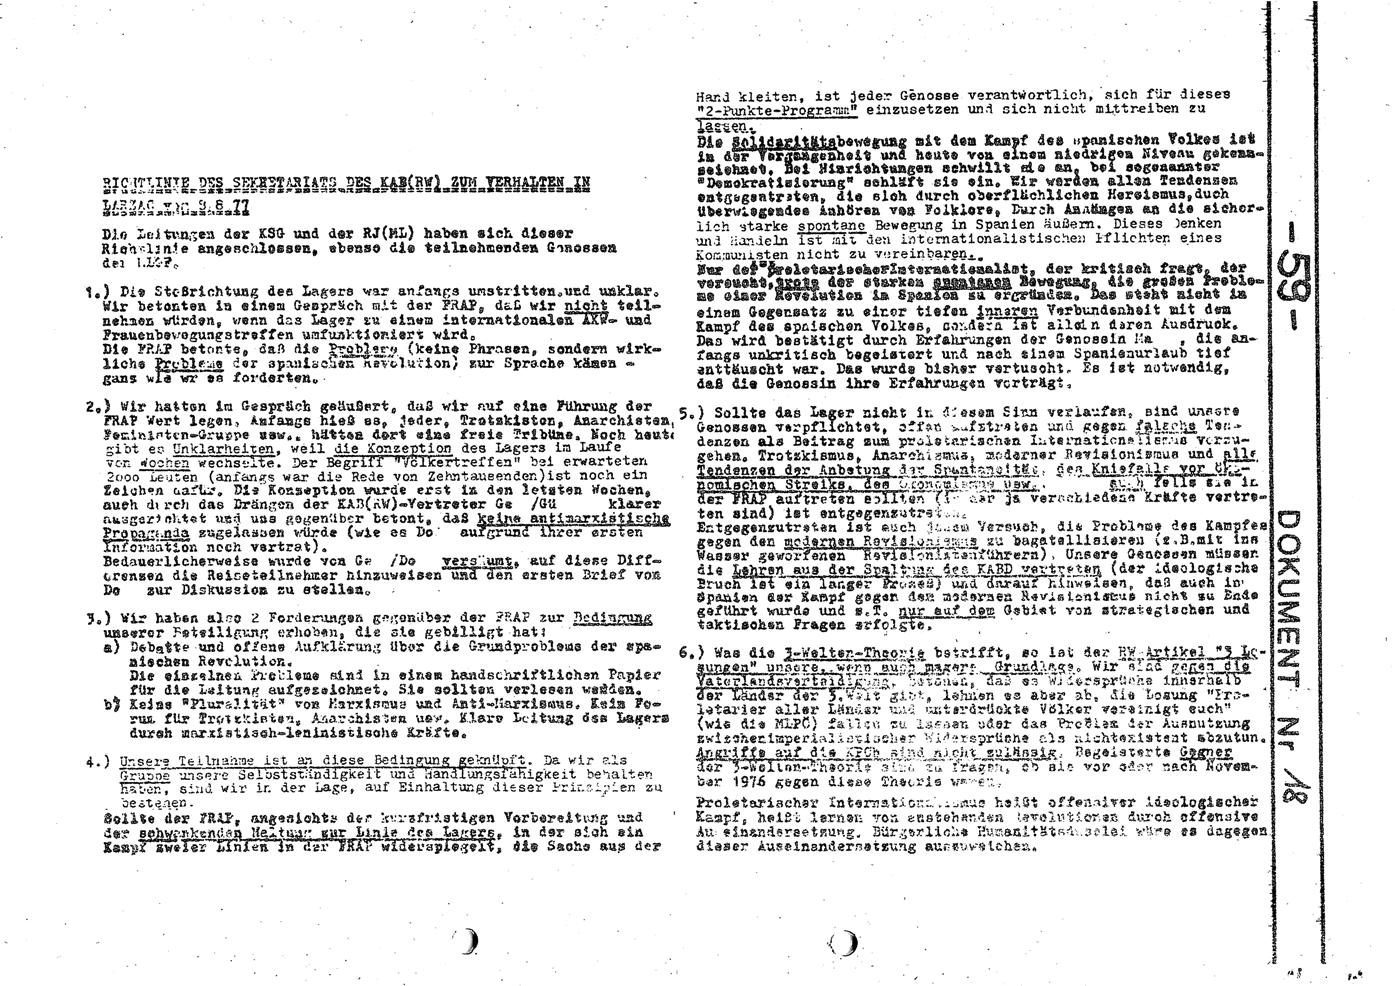 KABRW_Arbeitshefte_1977_24_059